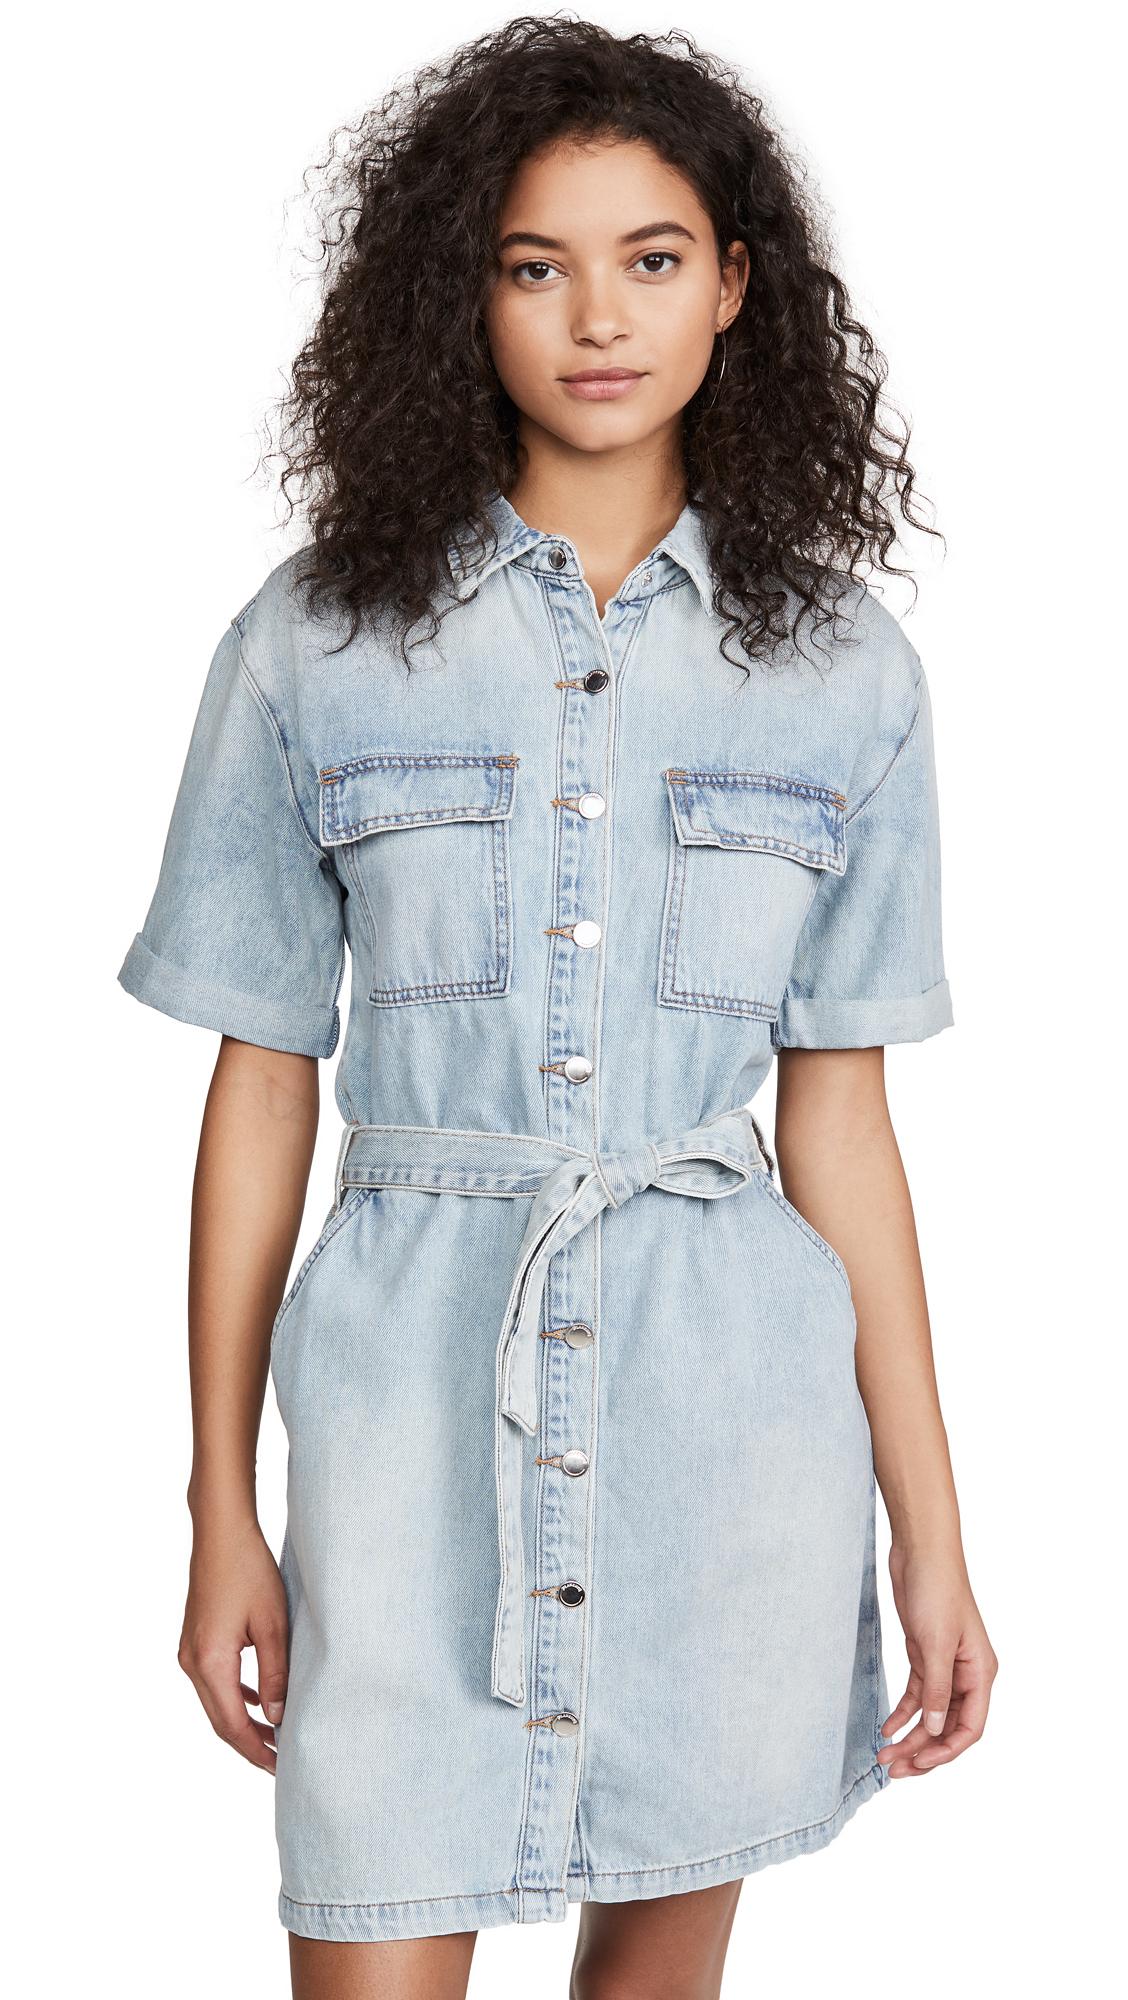 Blank Denim Carribean Blue Dress